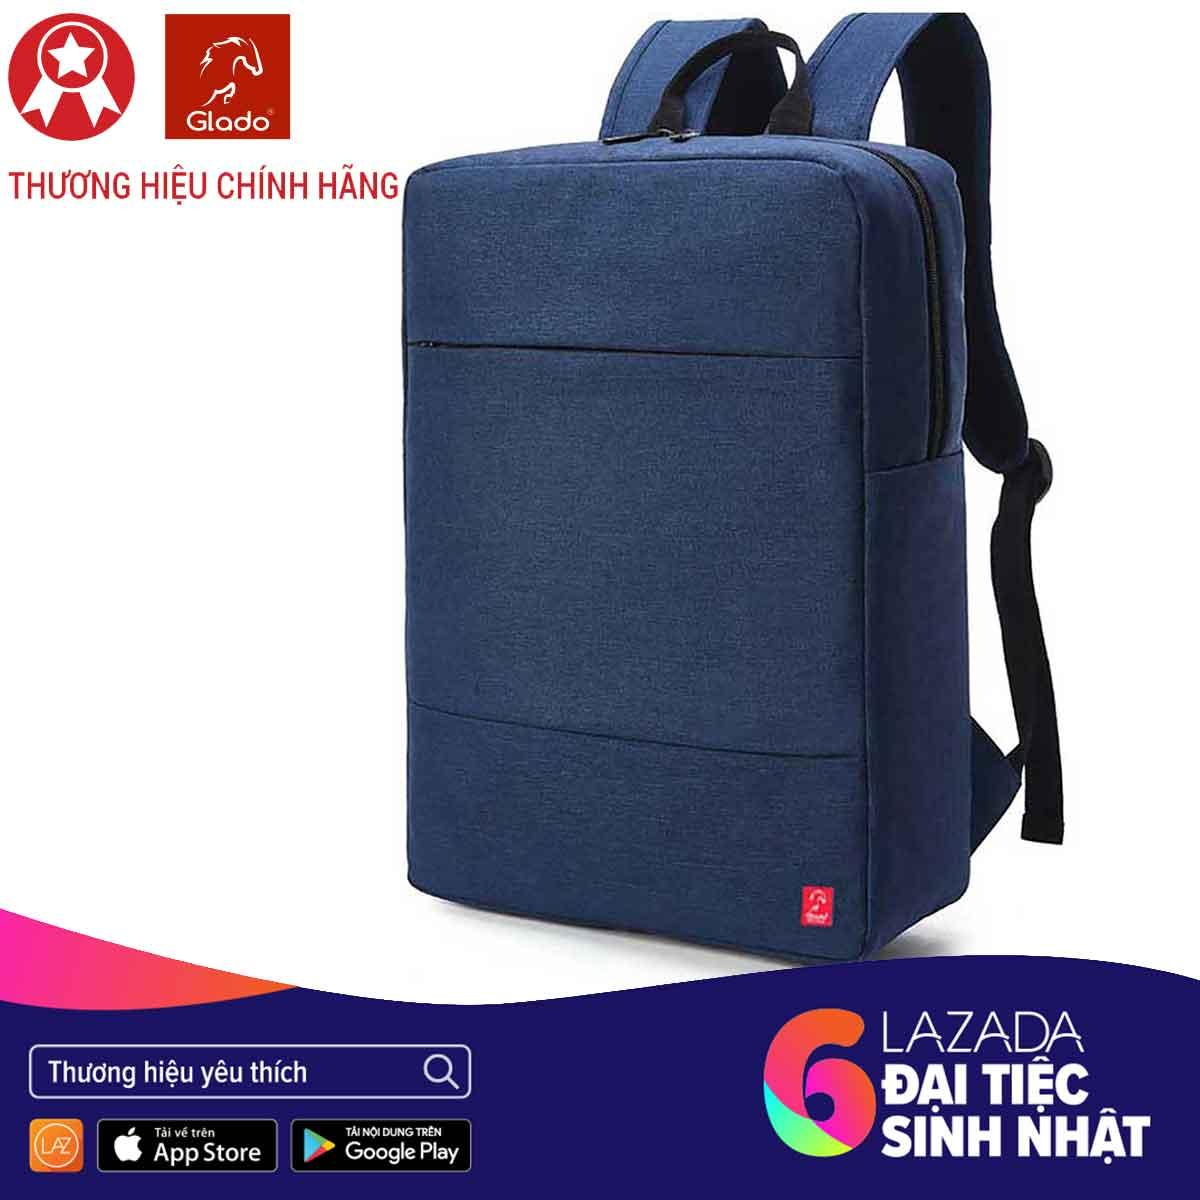 Mua Balo Laptop Glado Cylinder Mau Xanh Blc010 Hang Phan Phối Chinh Thức Rẻ Trong Hồ Chí Minh